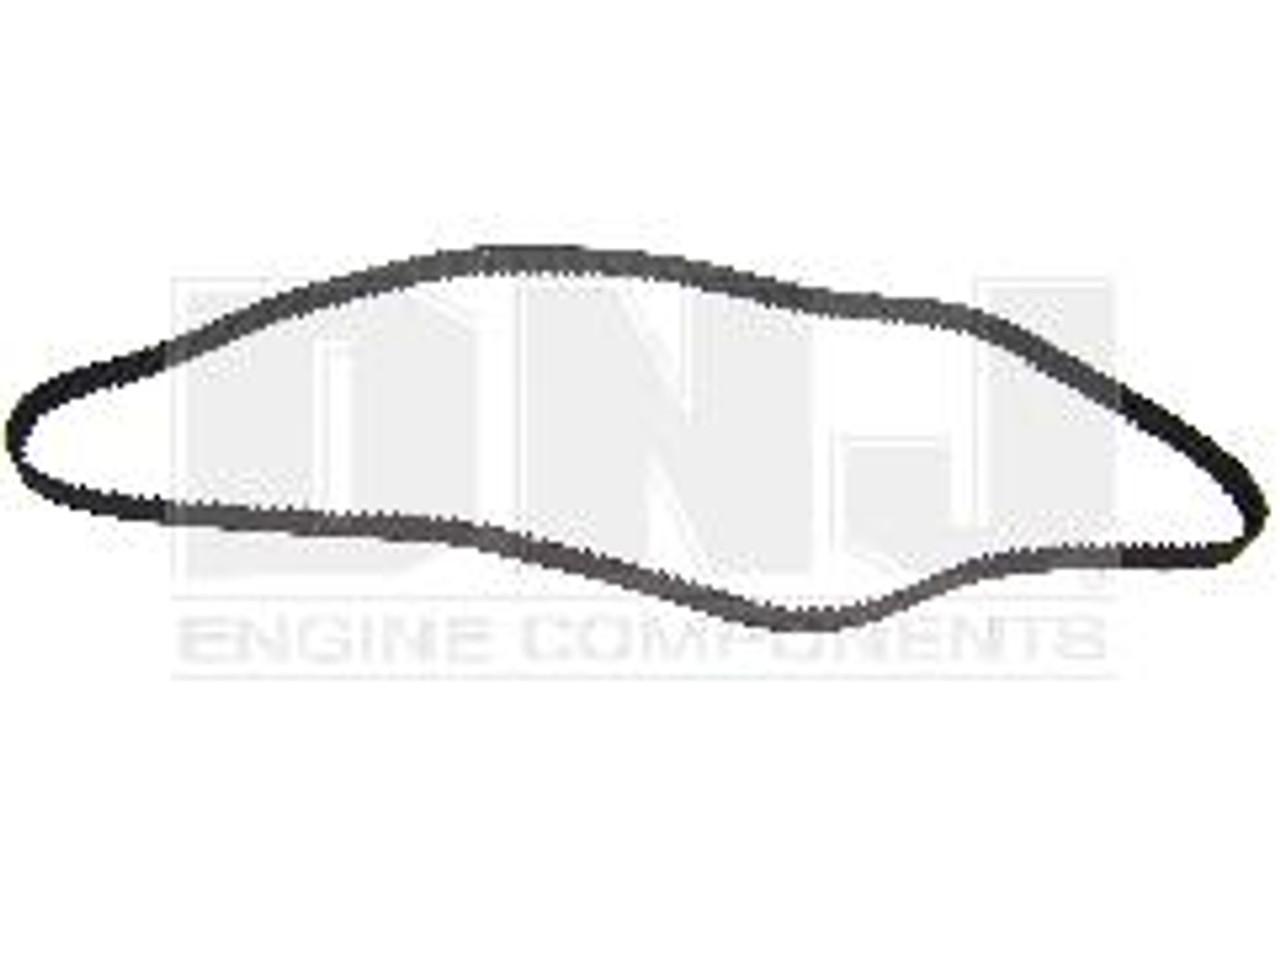 2011 Acura TL 3.5L Engine Timing Belt TB285 -24